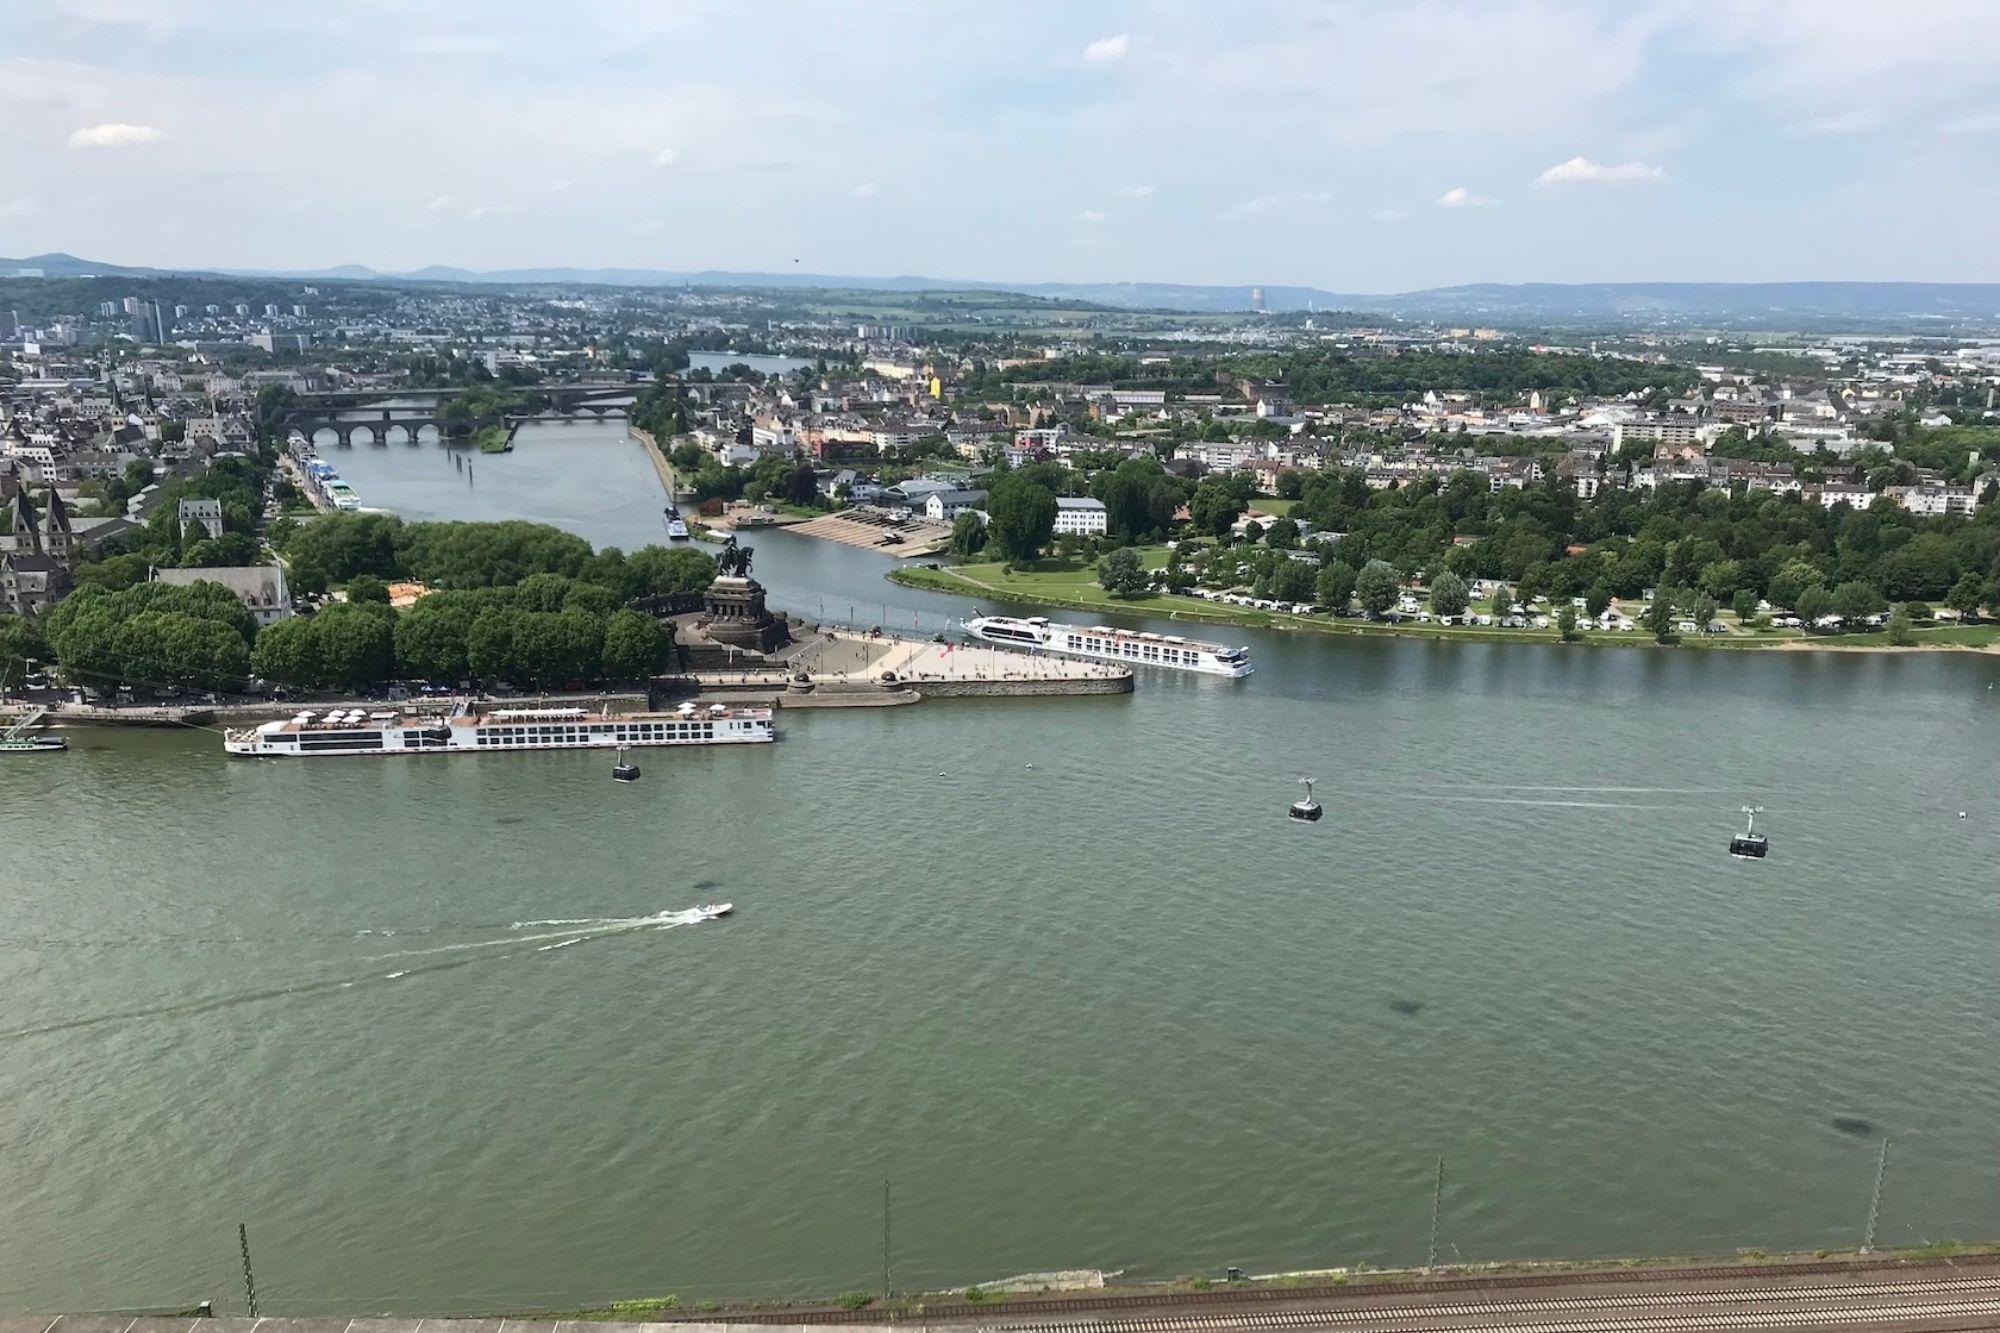 Rheinland-Pfalz erlaubt schon ab Freitag Schiffsreisen ohne 50%-Begrenzung